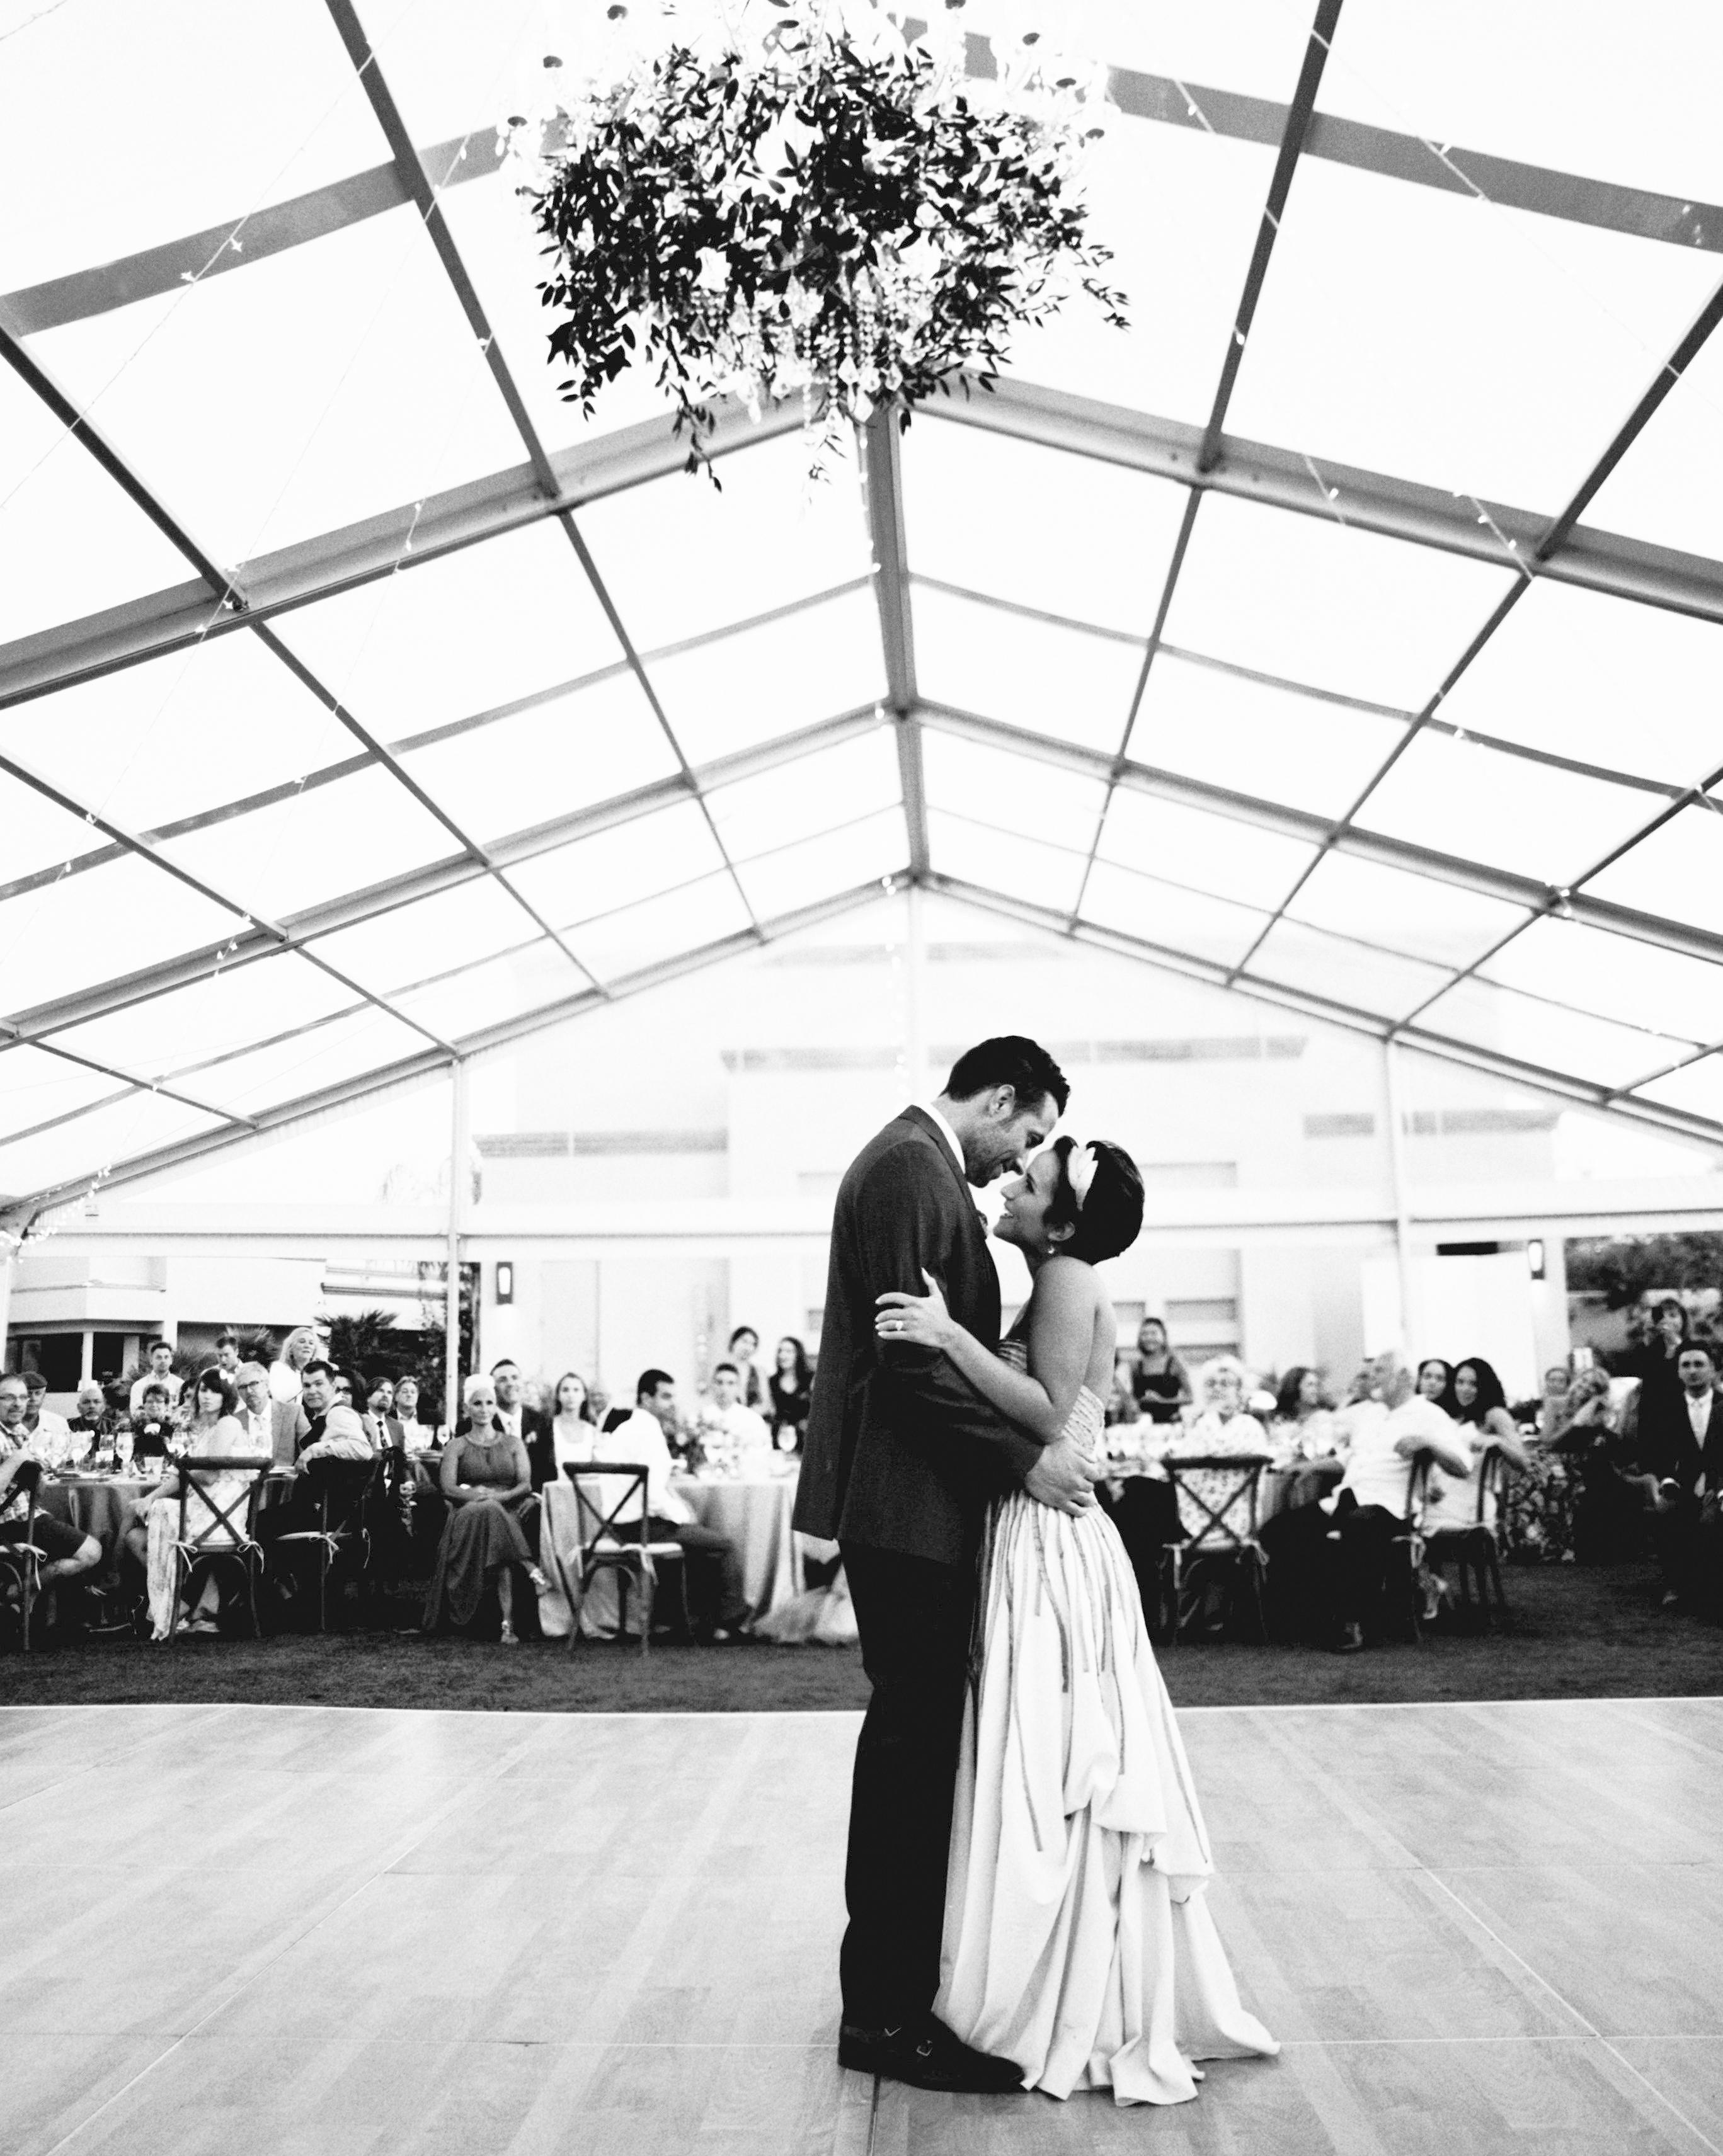 jessejo-daniel-wedding-dance-482-s112302-1015.jpg